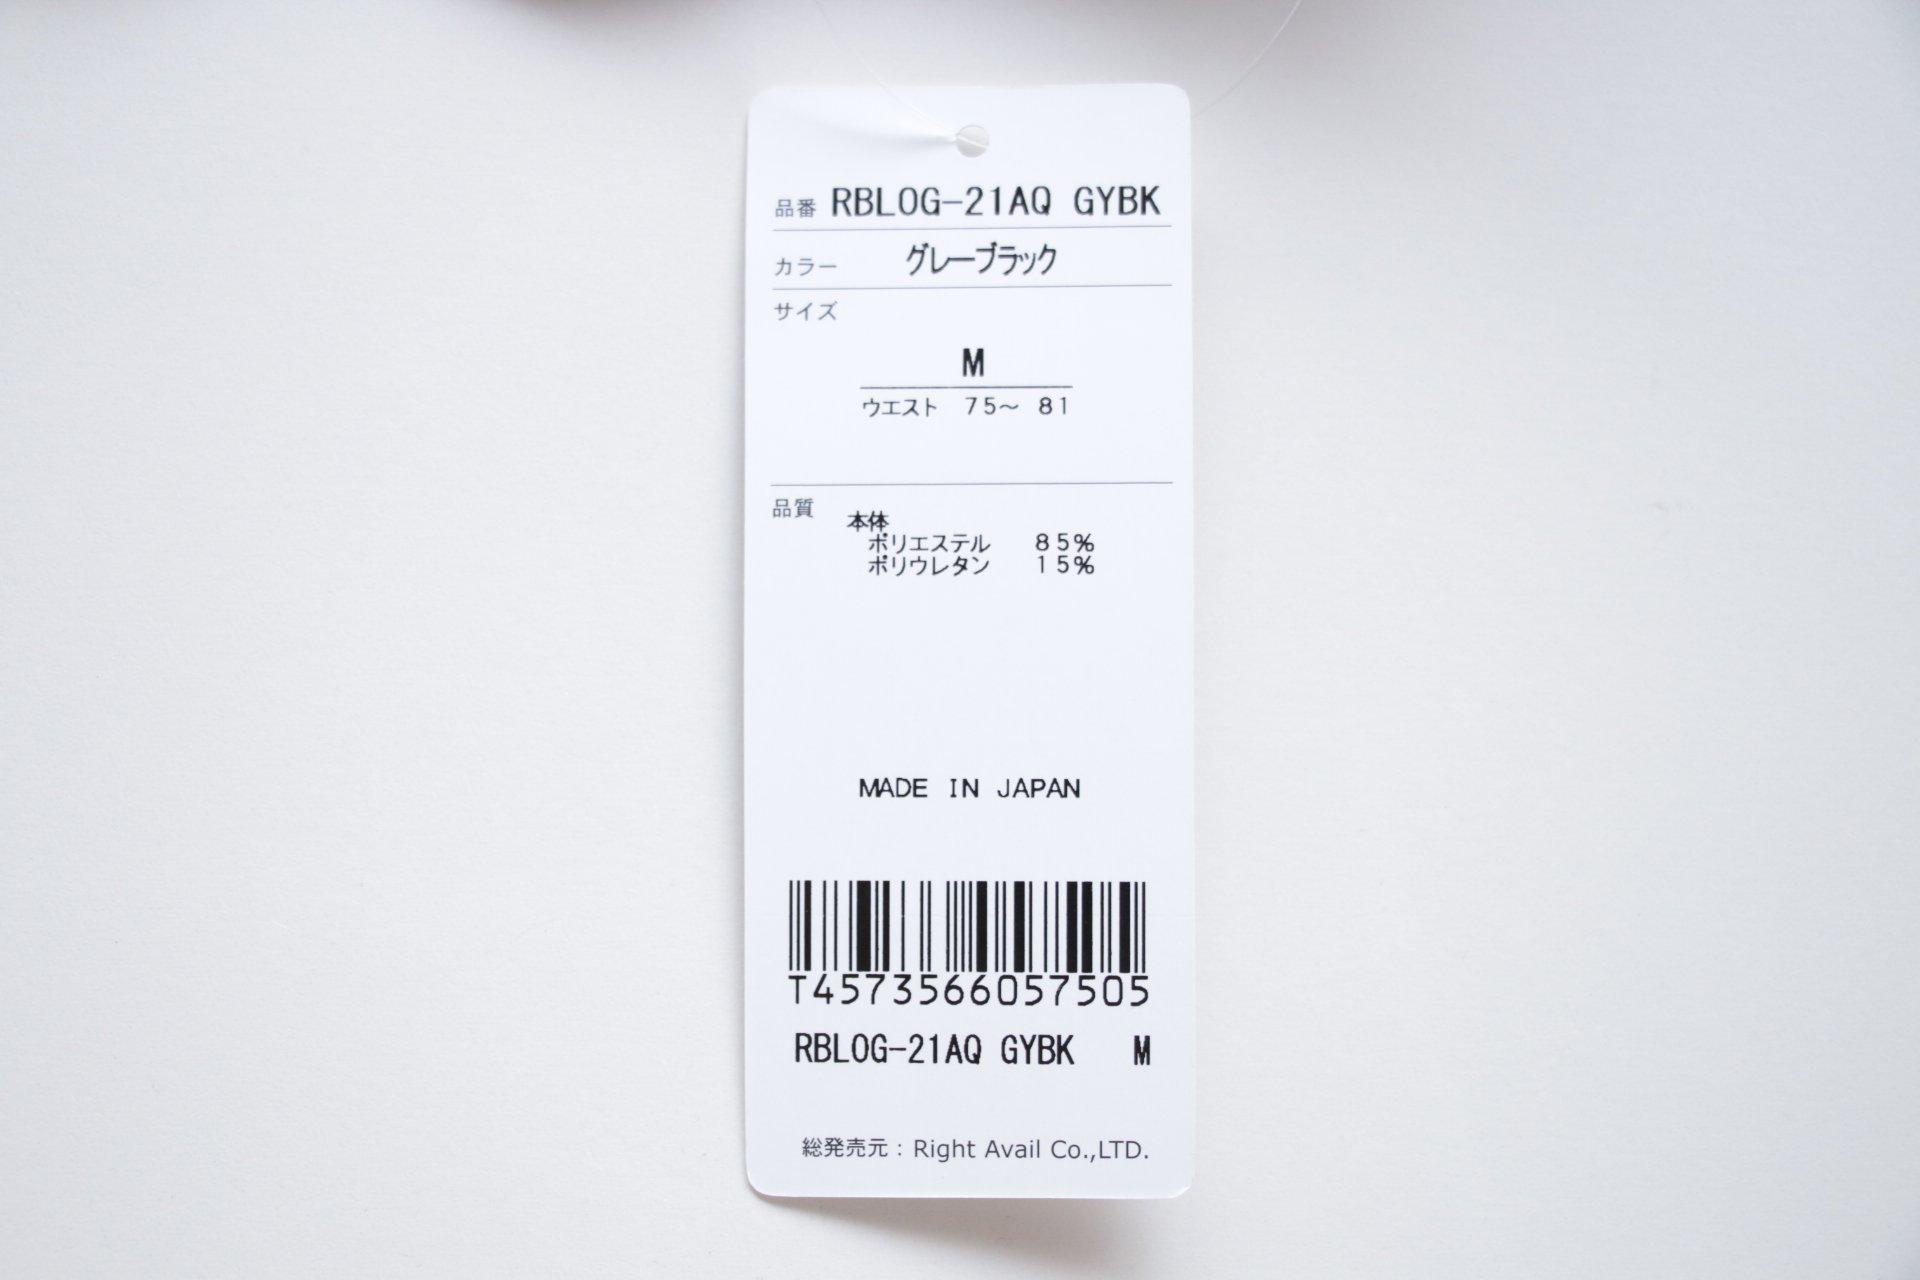 RBLOG-21AQ